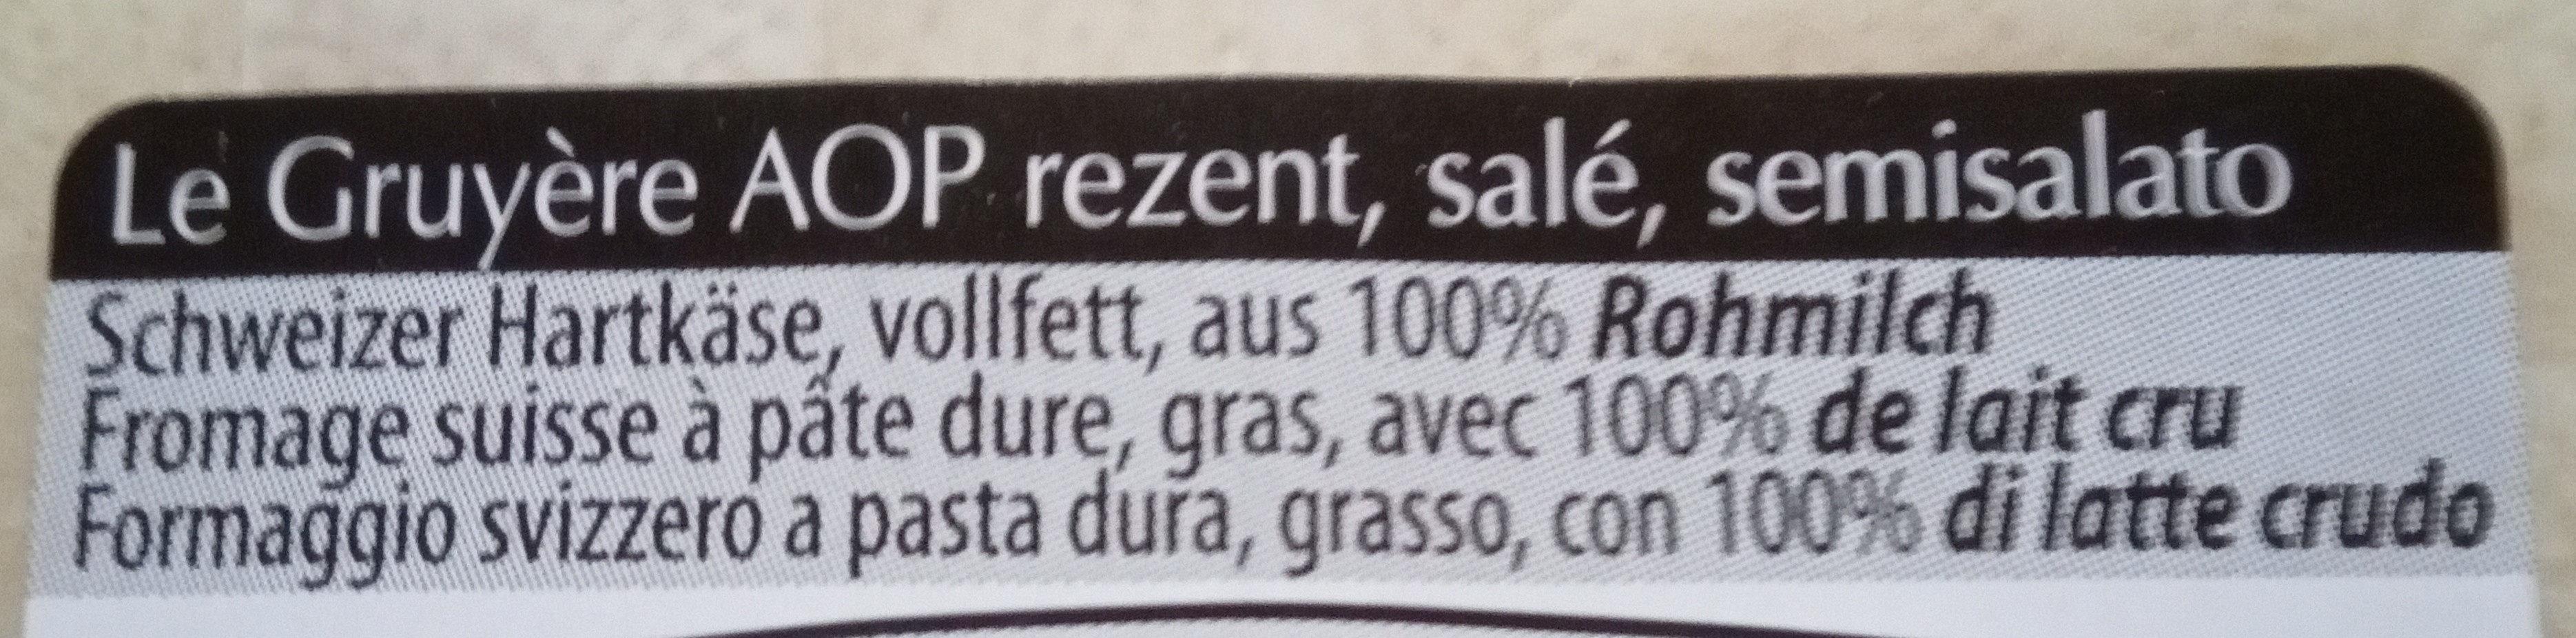 Fomage Gruyère corsé - Ingrediënten - fr